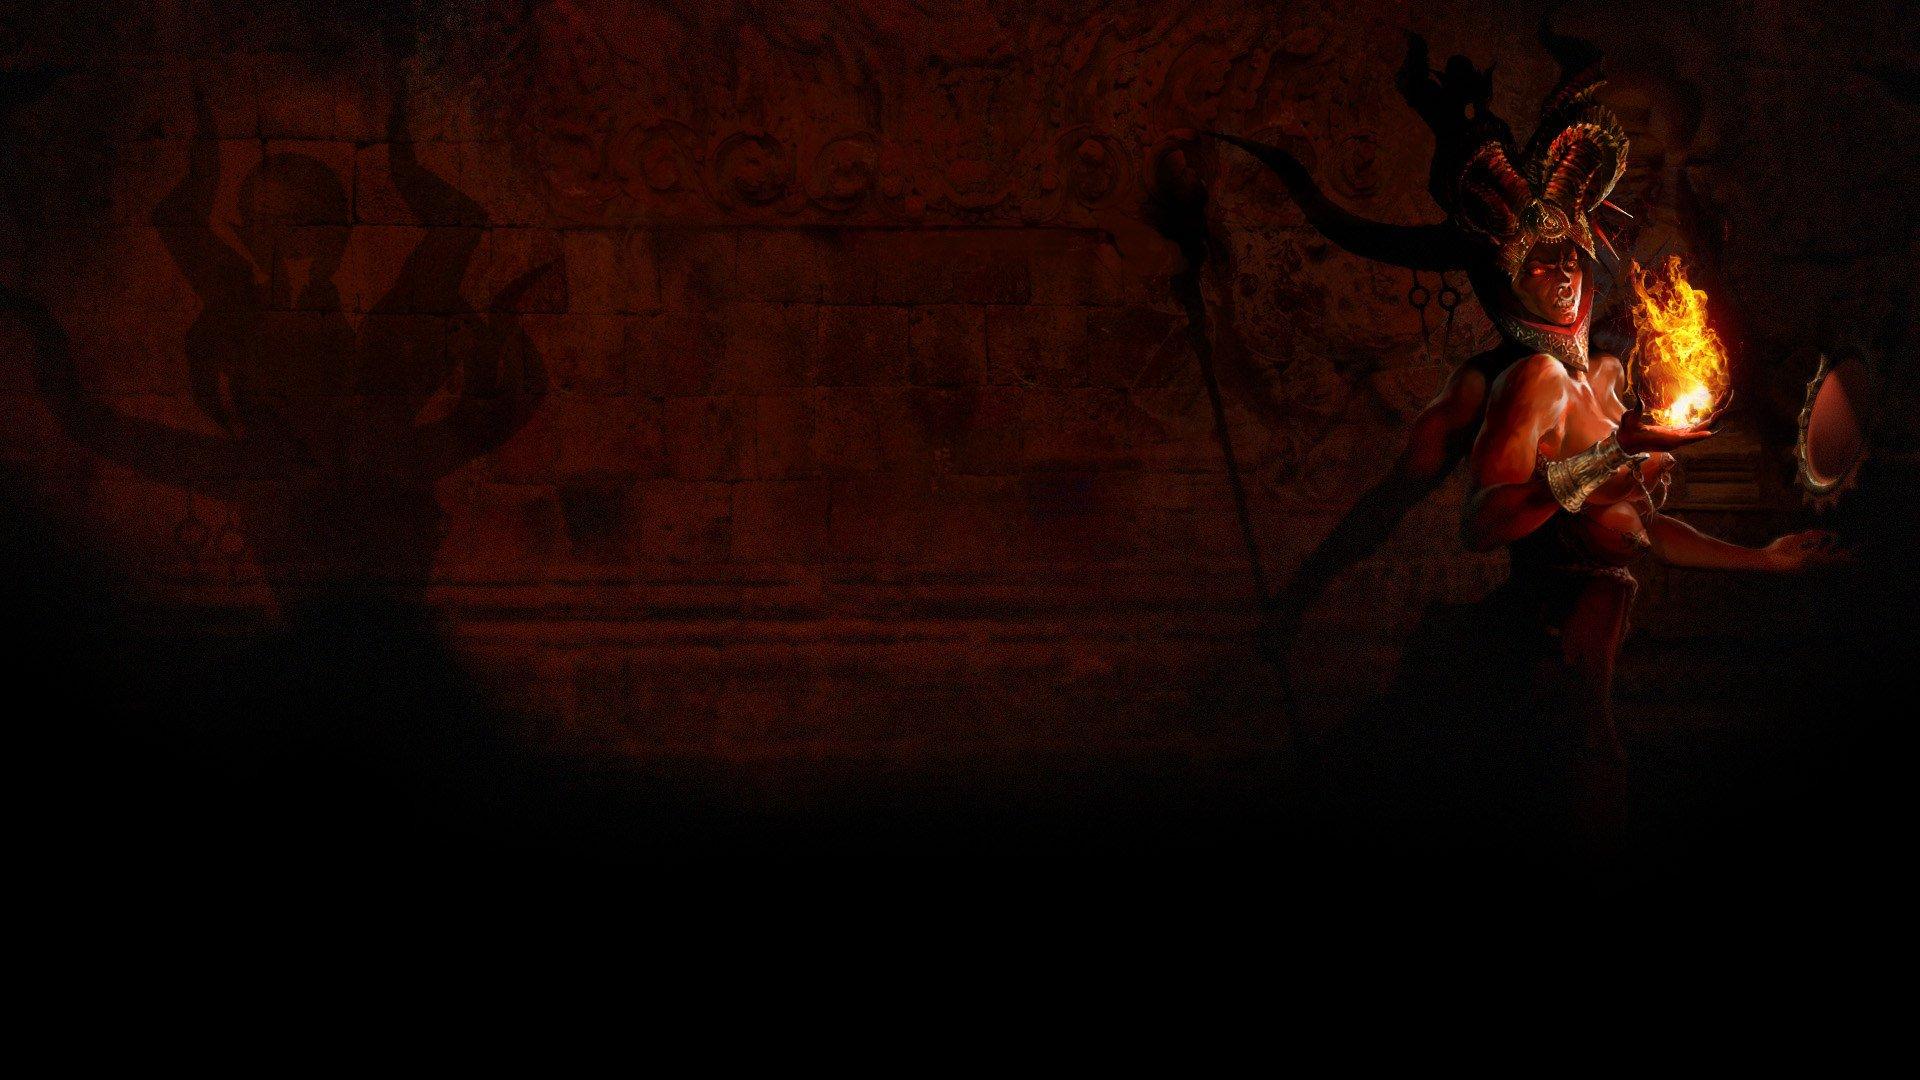 Forum - Community Showcase - Ascendancy Wallpaper - Path of Exile